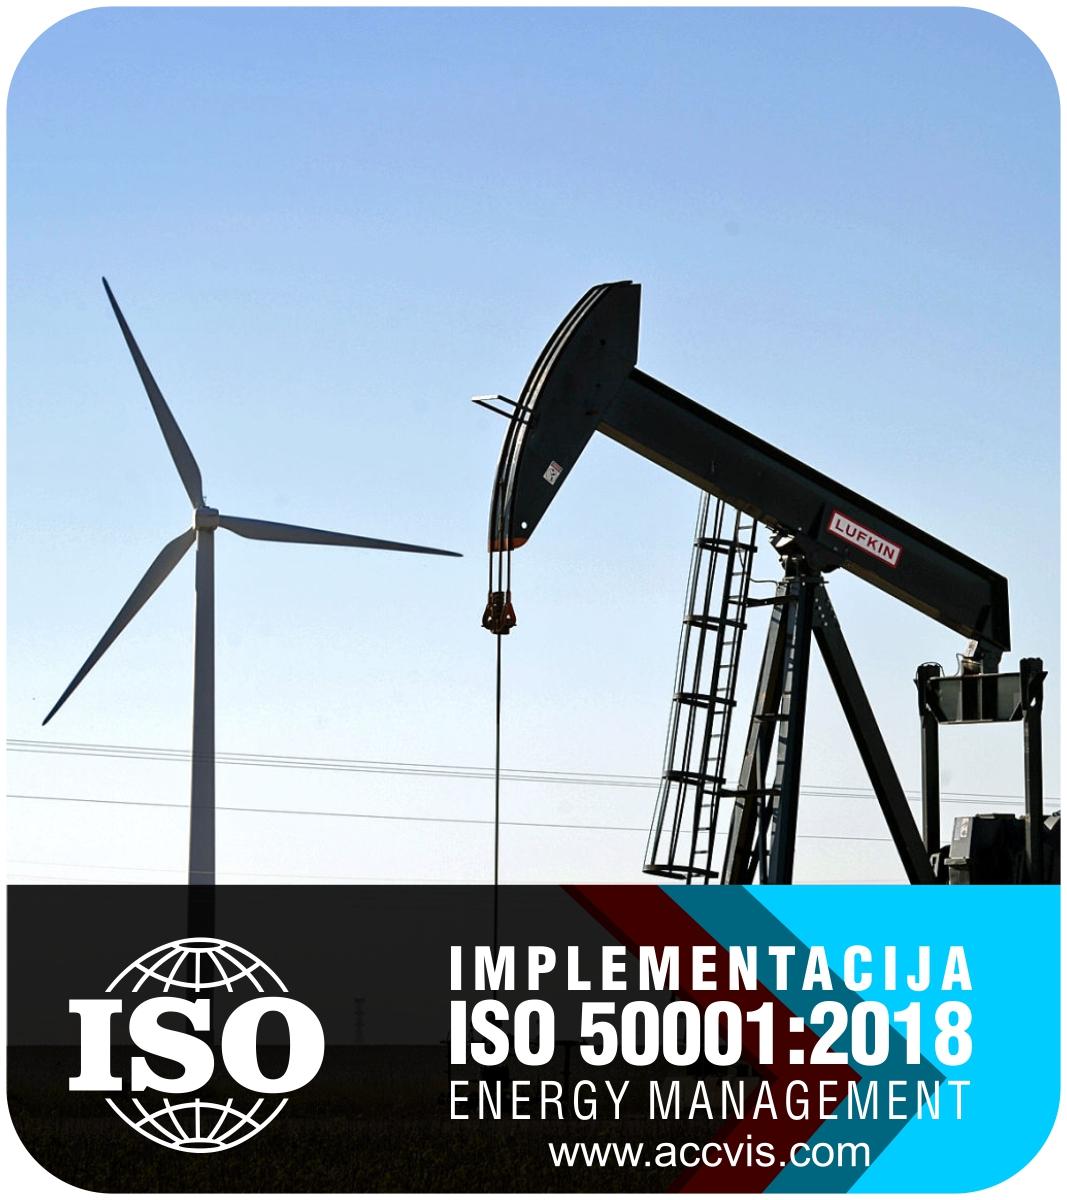 Uvodjenje standarda ISO 50001:2018